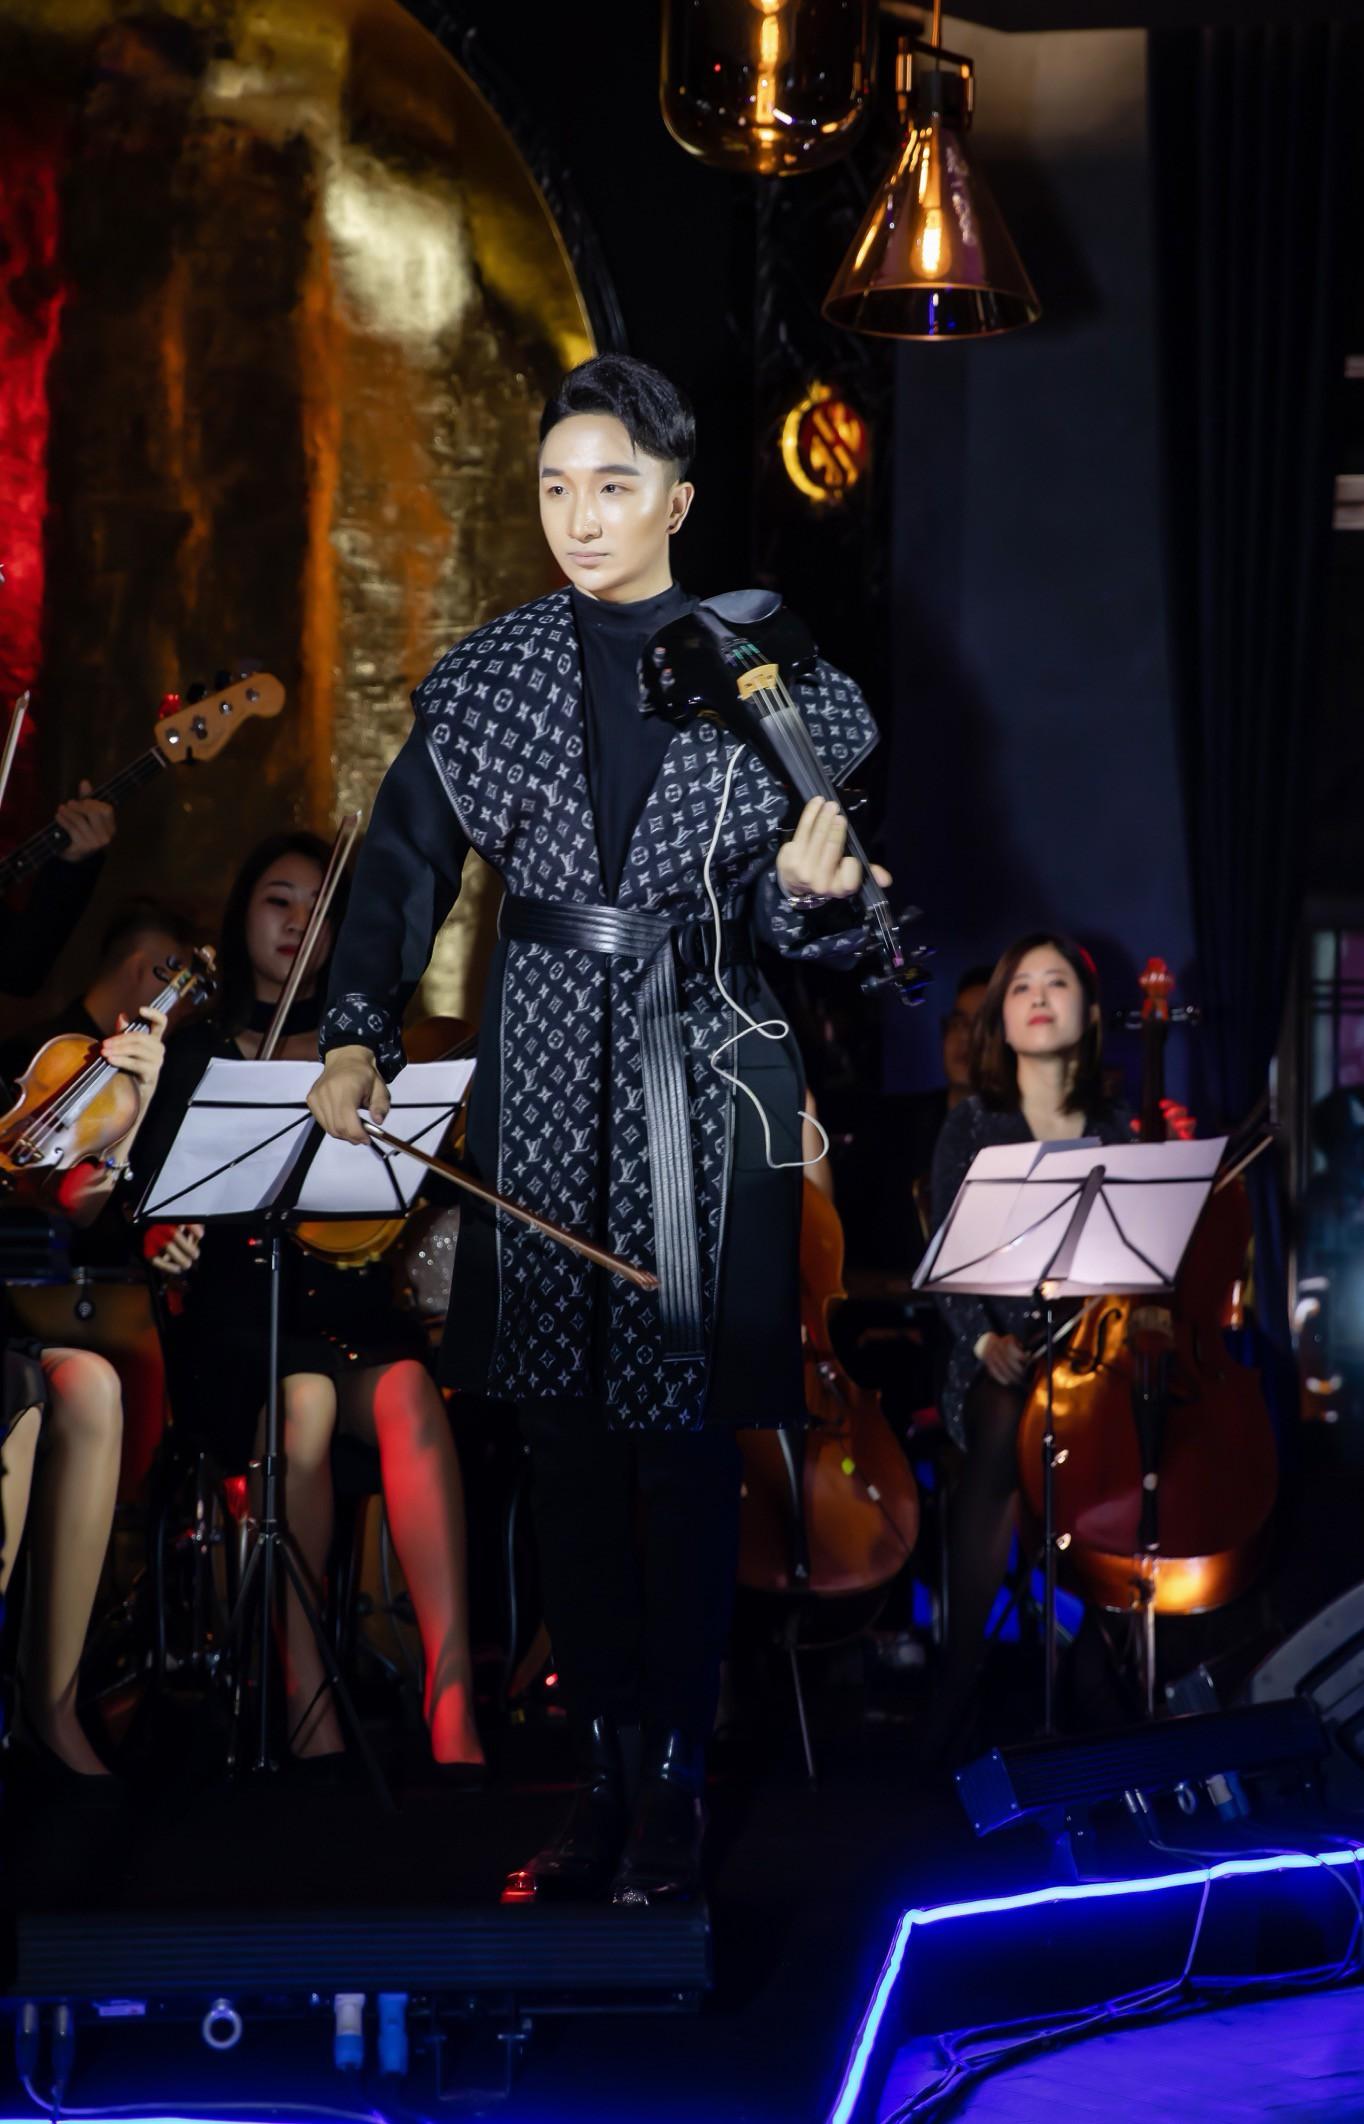 Hồ Ngọc Hà - Kim Lý cùng dàn sao Việt đến ủng hộ đêm nhạc riêng của nghệ sĩ violin Hoàng Rob - Ảnh 1.